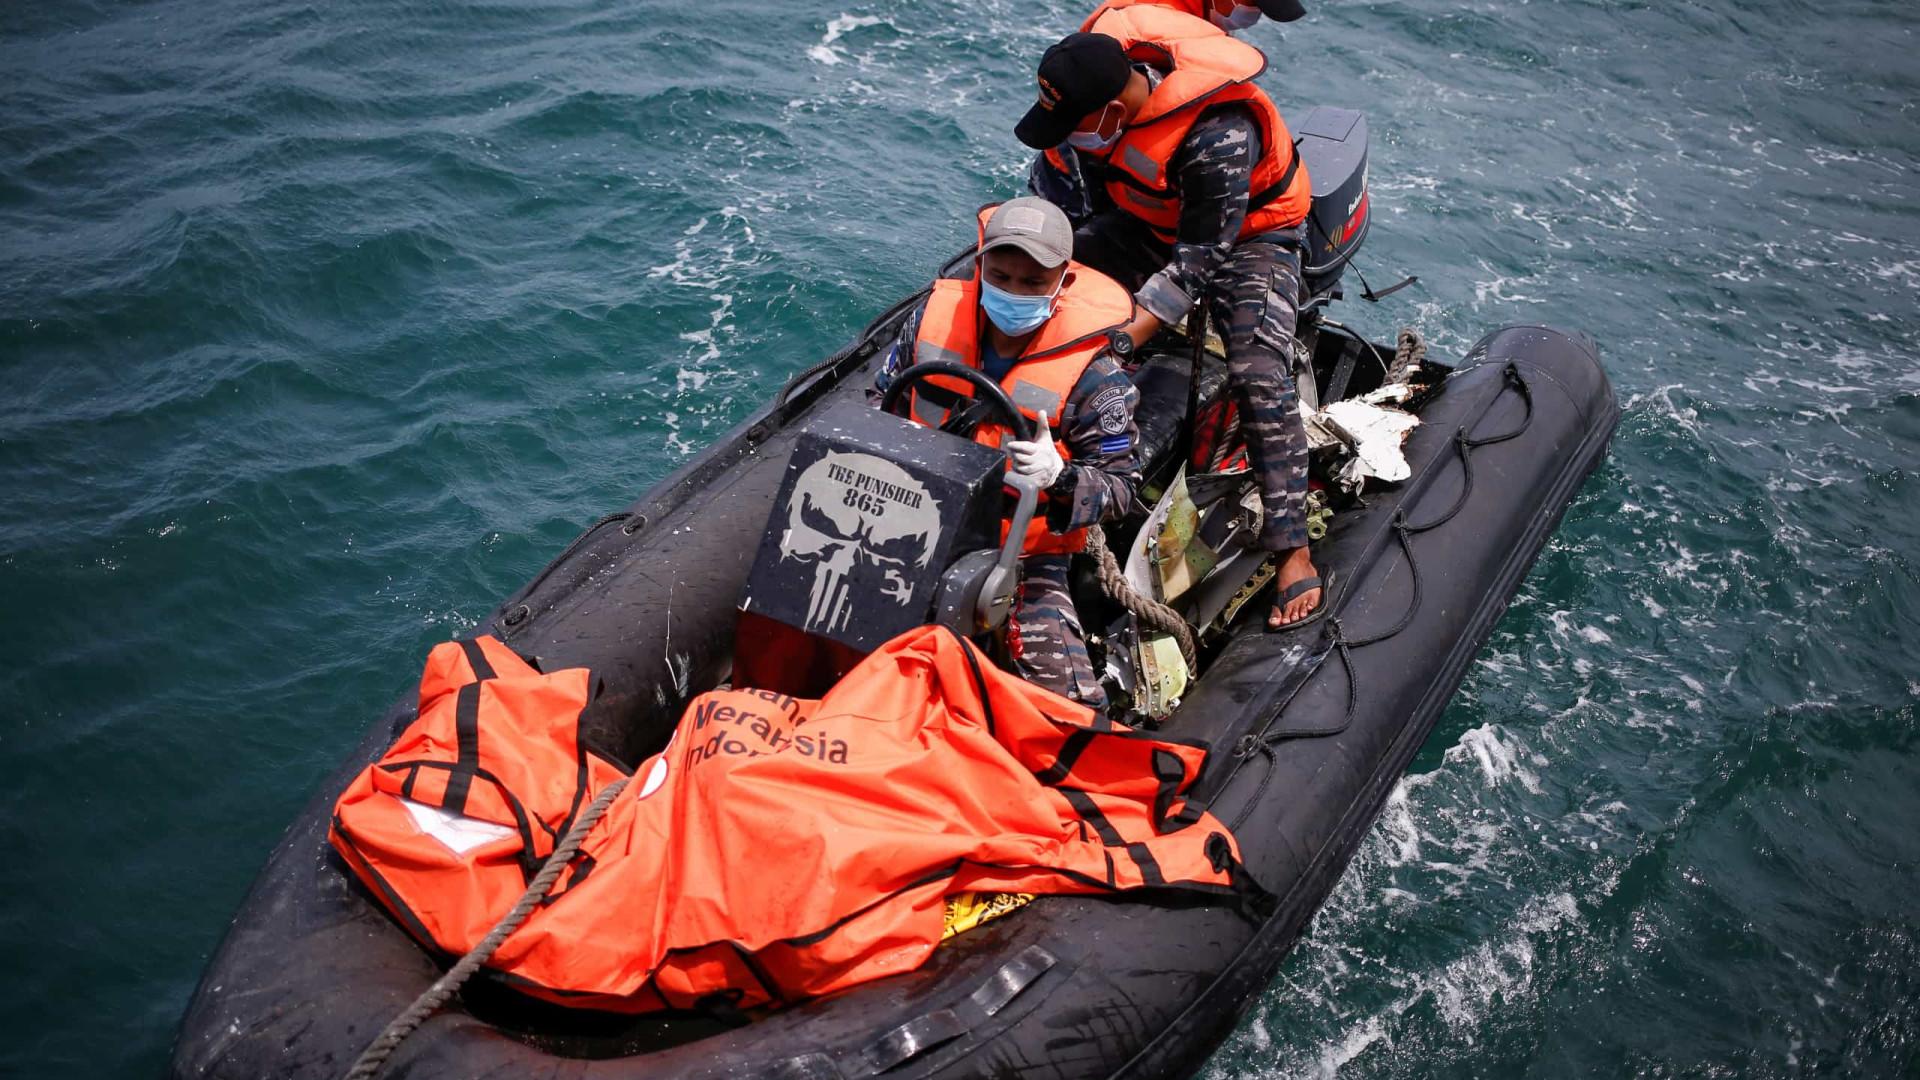 Recuperada caixa preta do avião que caiu ao mar na Indonésia